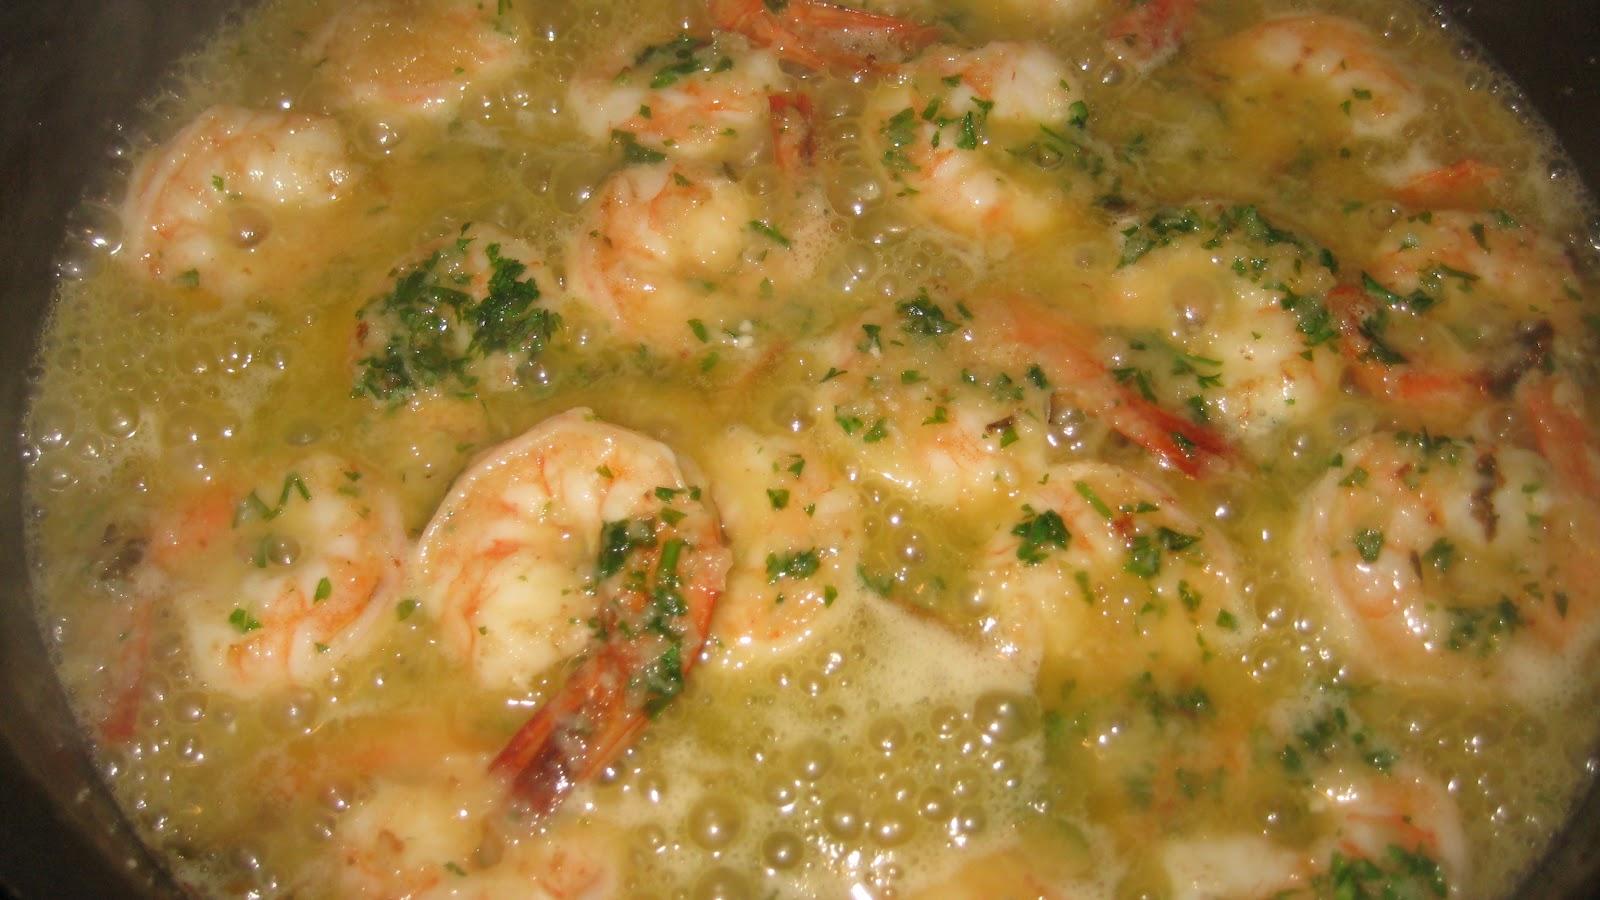 how to fix shrimp scampi